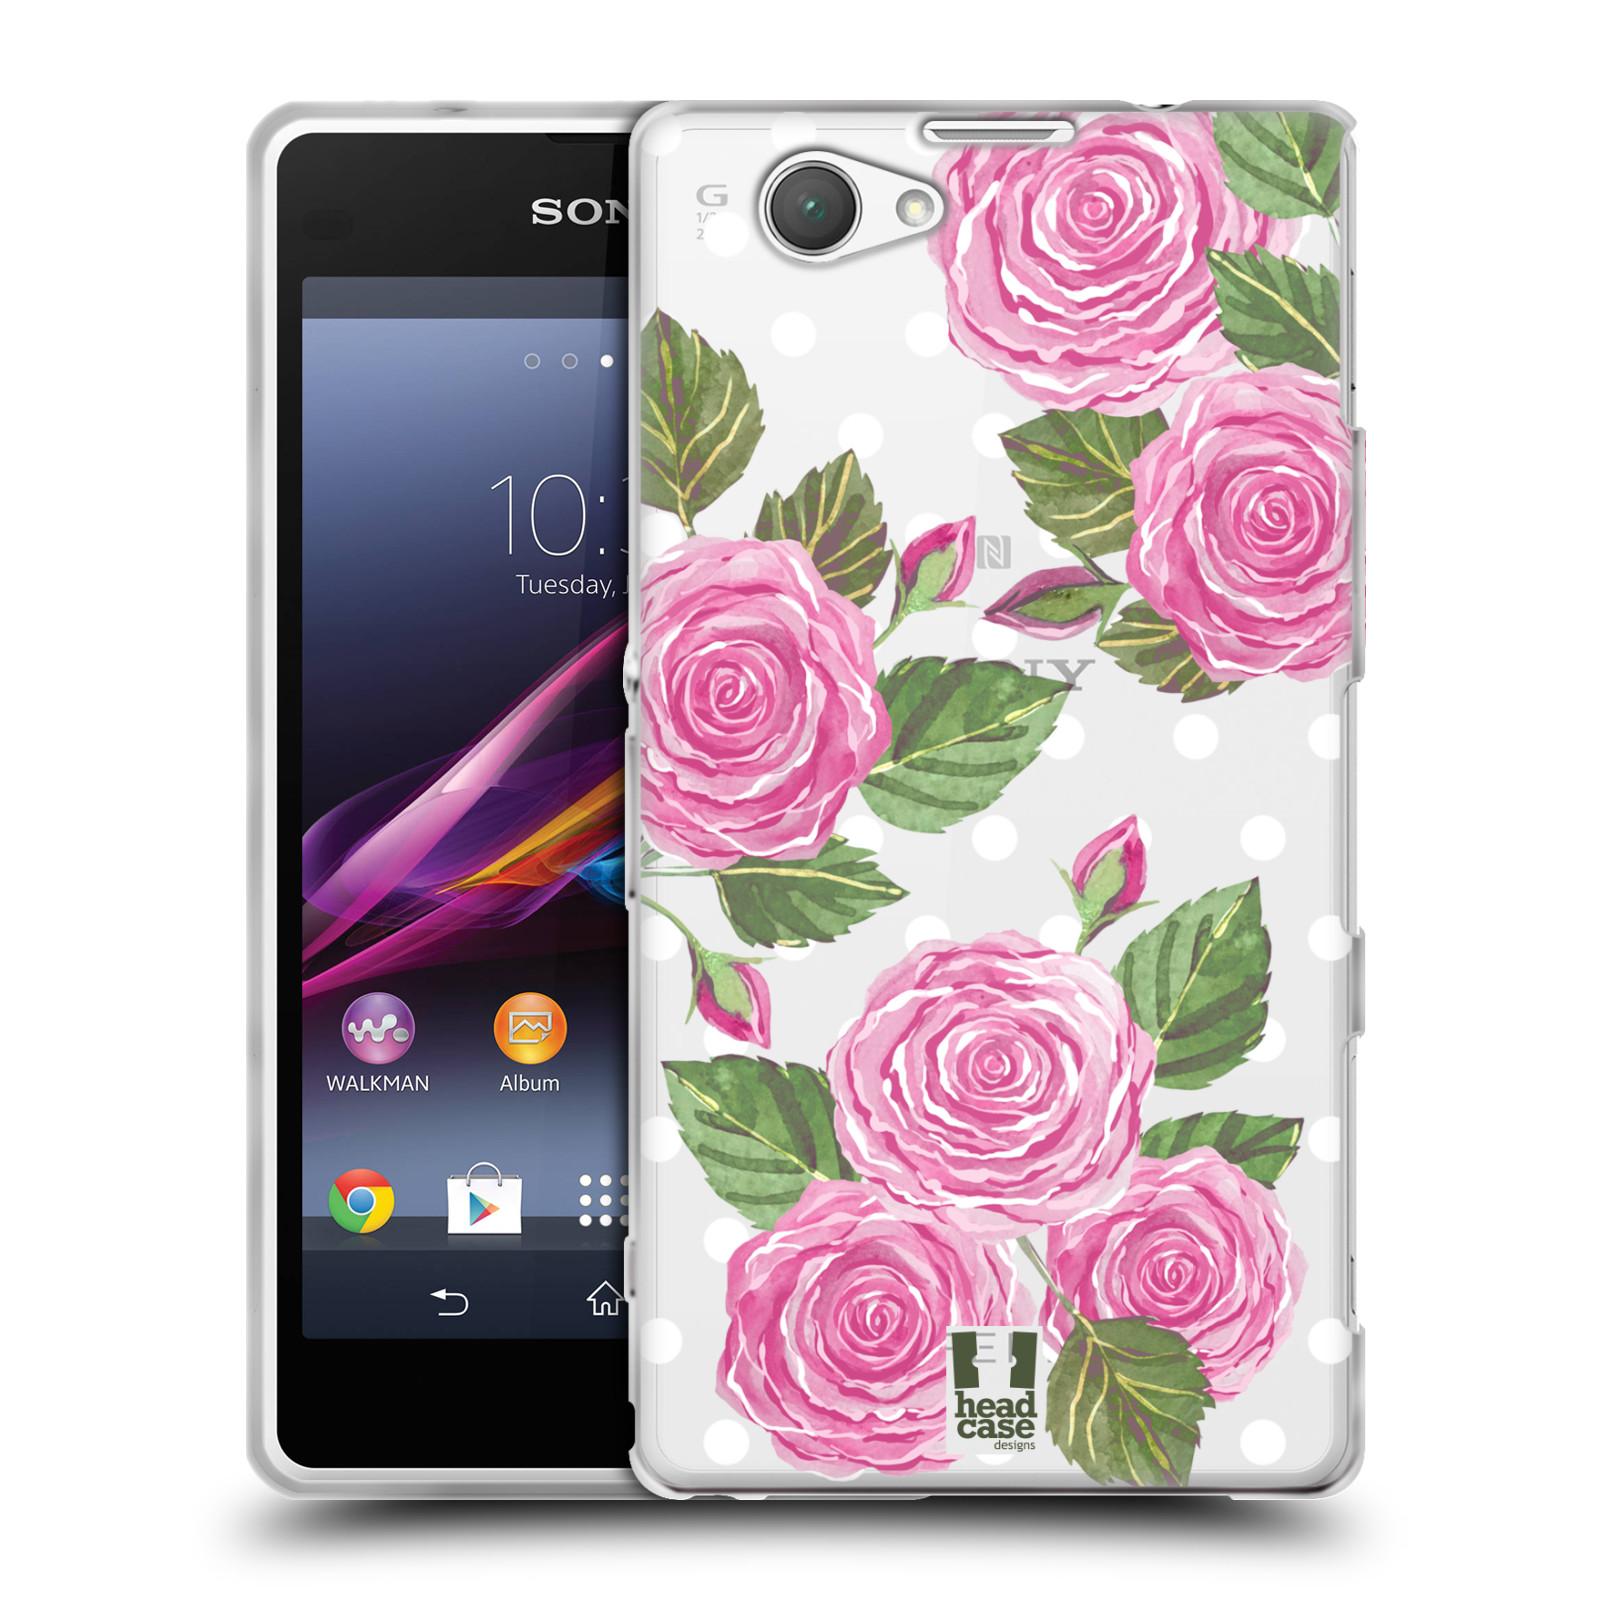 Silikonové pouzdro na mobil Sony Xperia Z1 Compact D5503 - Head Case - Hezoučké růžičky - průhledné